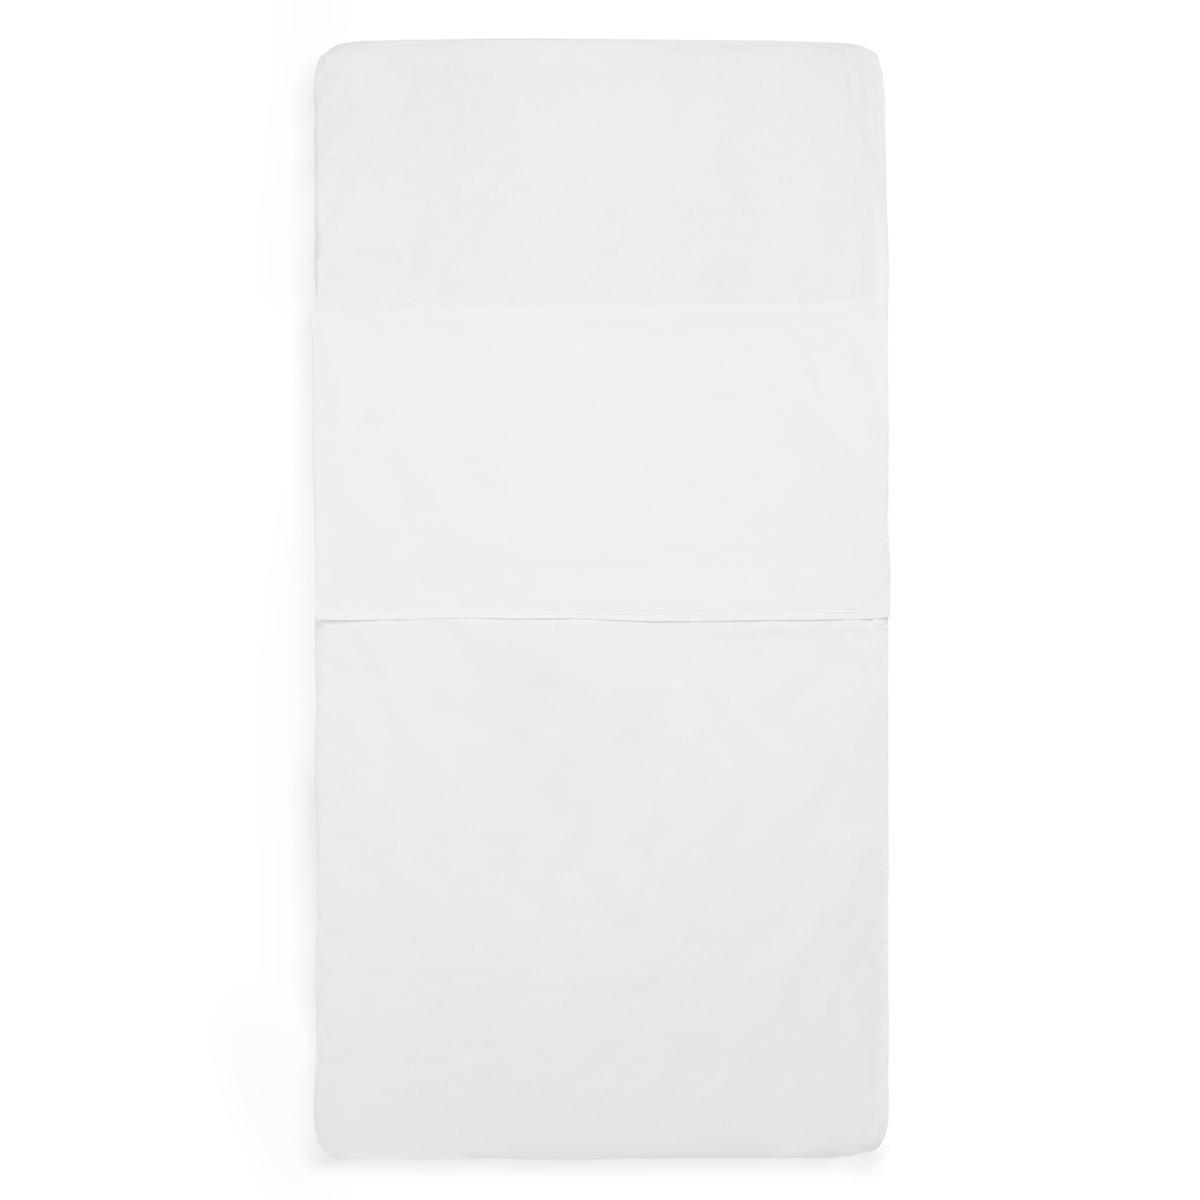 Linge de lit Drap Housse Sac de Couchage Blanc - 60 x 120 cm Drap Housse Sac de Couchage Blanc - 60 x 120 cm